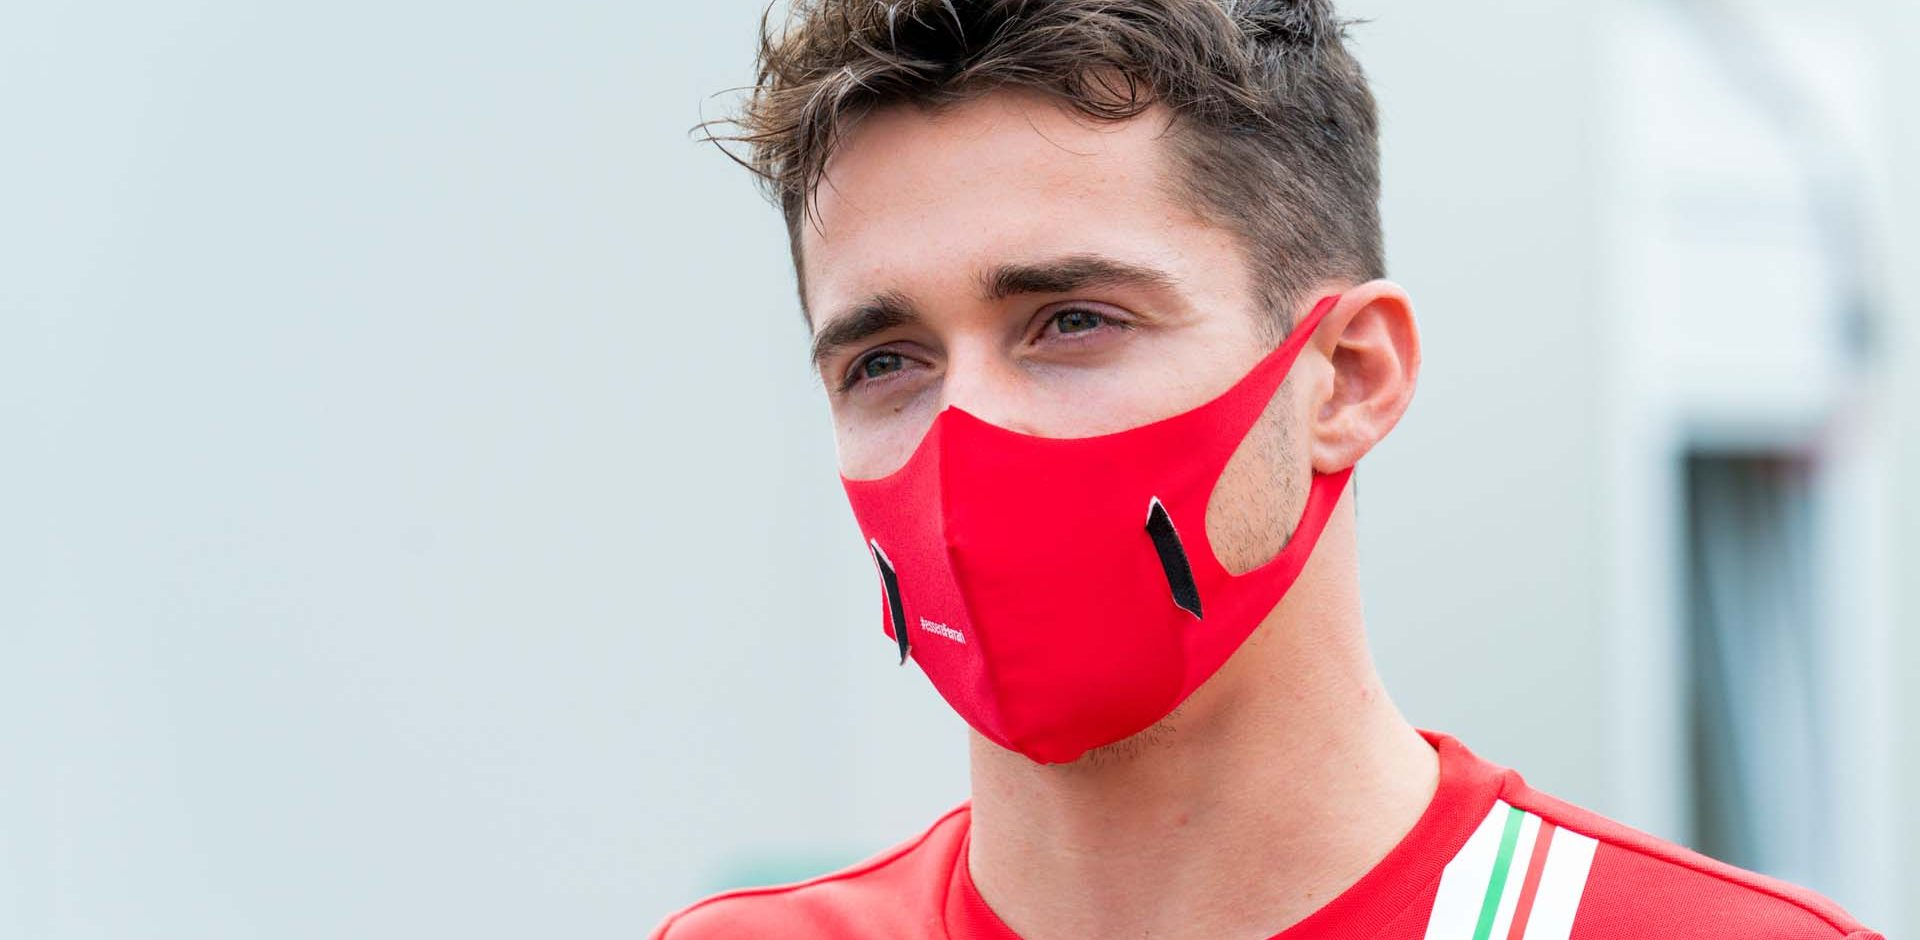 GP TOSCANA FERRARI 1000 F1/2020 -  GIOVEDÌ 10/09/2020   credit: @Scuderia Ferrari Press Office Charles Leclerc